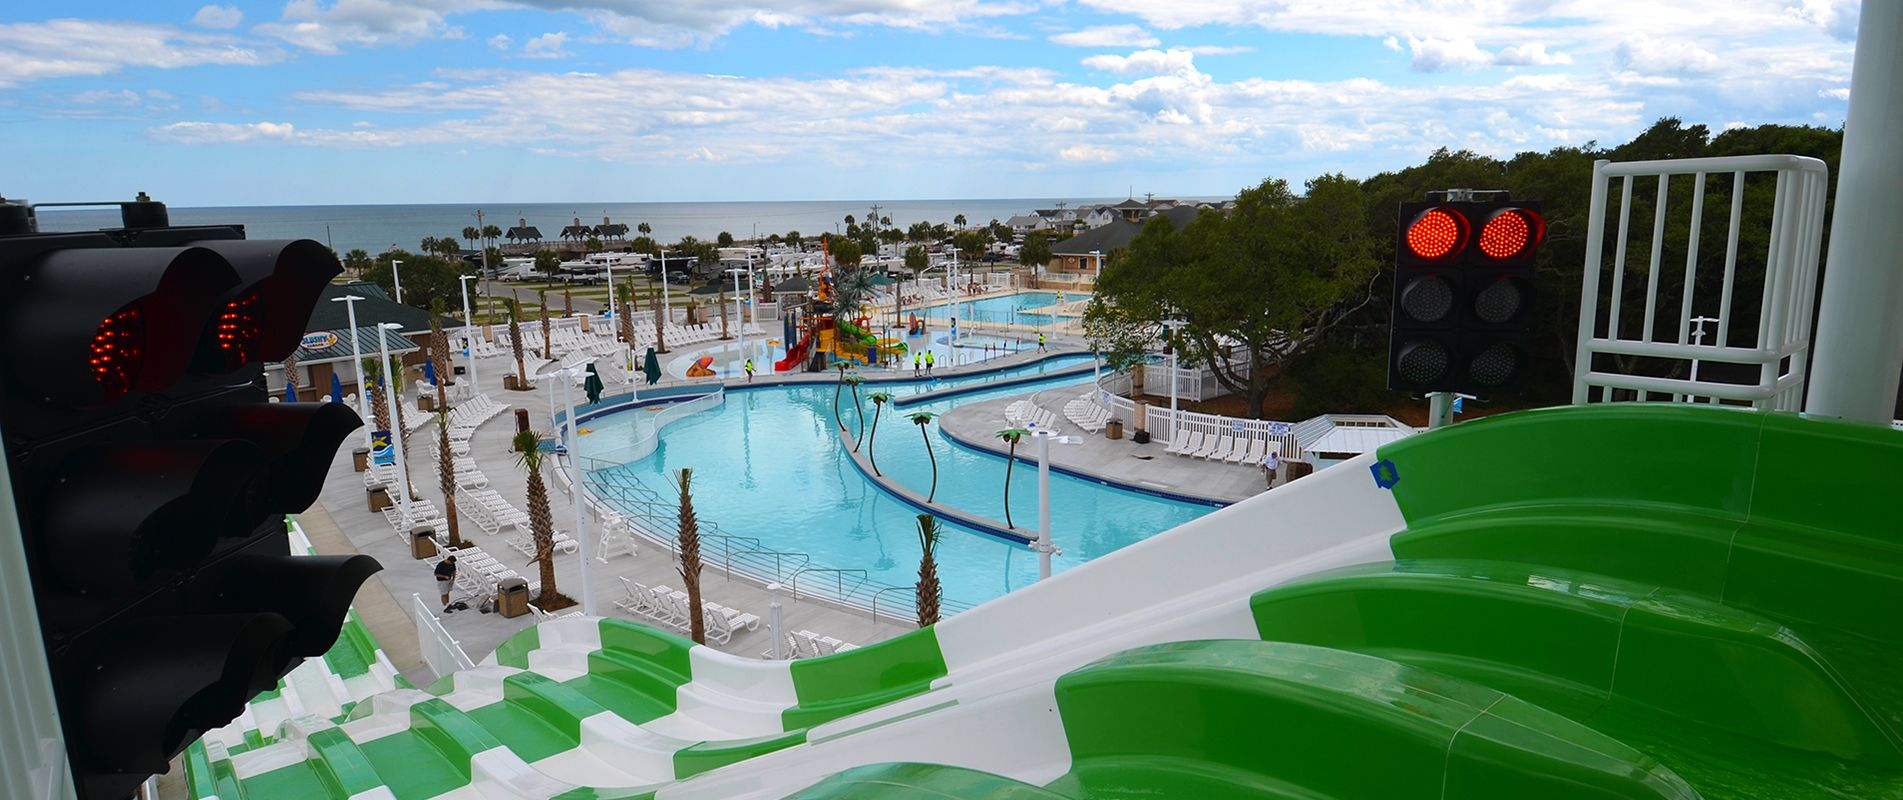 bannerimage Myrtle beach sc, Destin resorts, Campsite